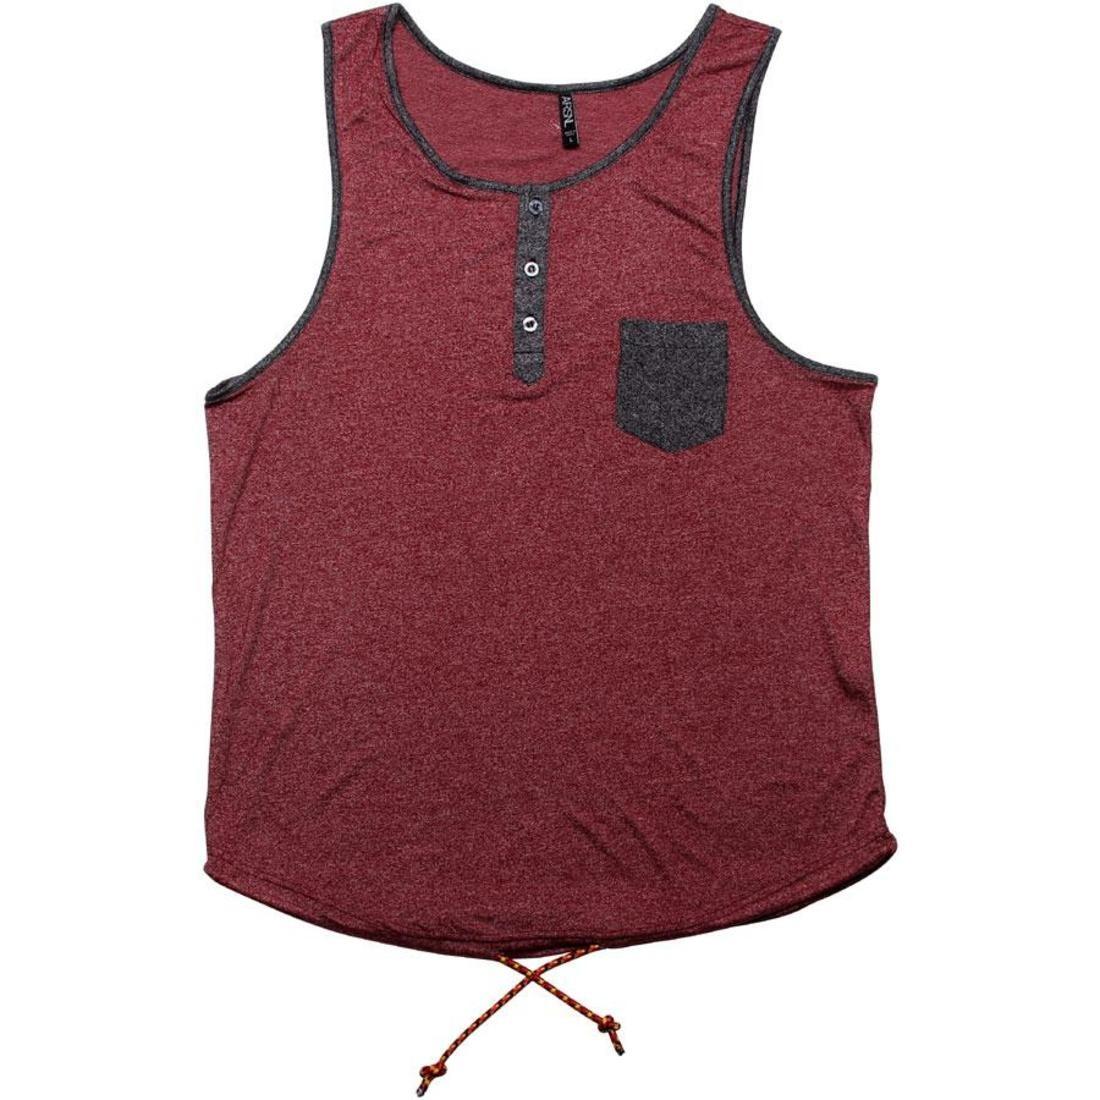 タンクトップ 【 ARSNL ORACLE TANK TOP MAROON SPECKLE 】 メンズファッション トップス 送料無料